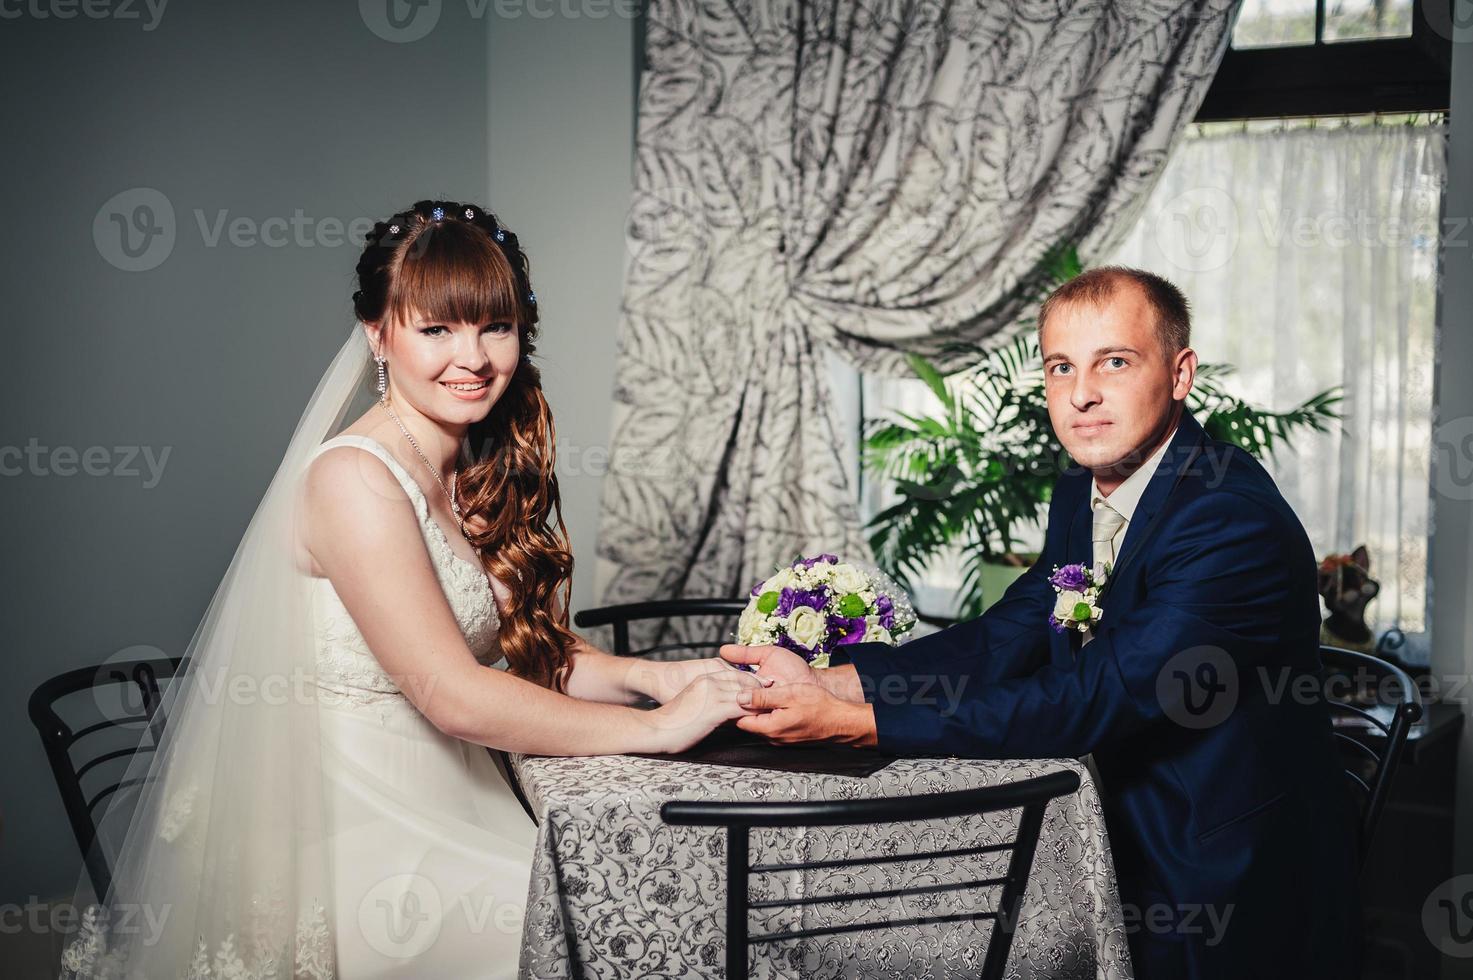 encantadora noiva e noivo em sua festa de casamento em um foto